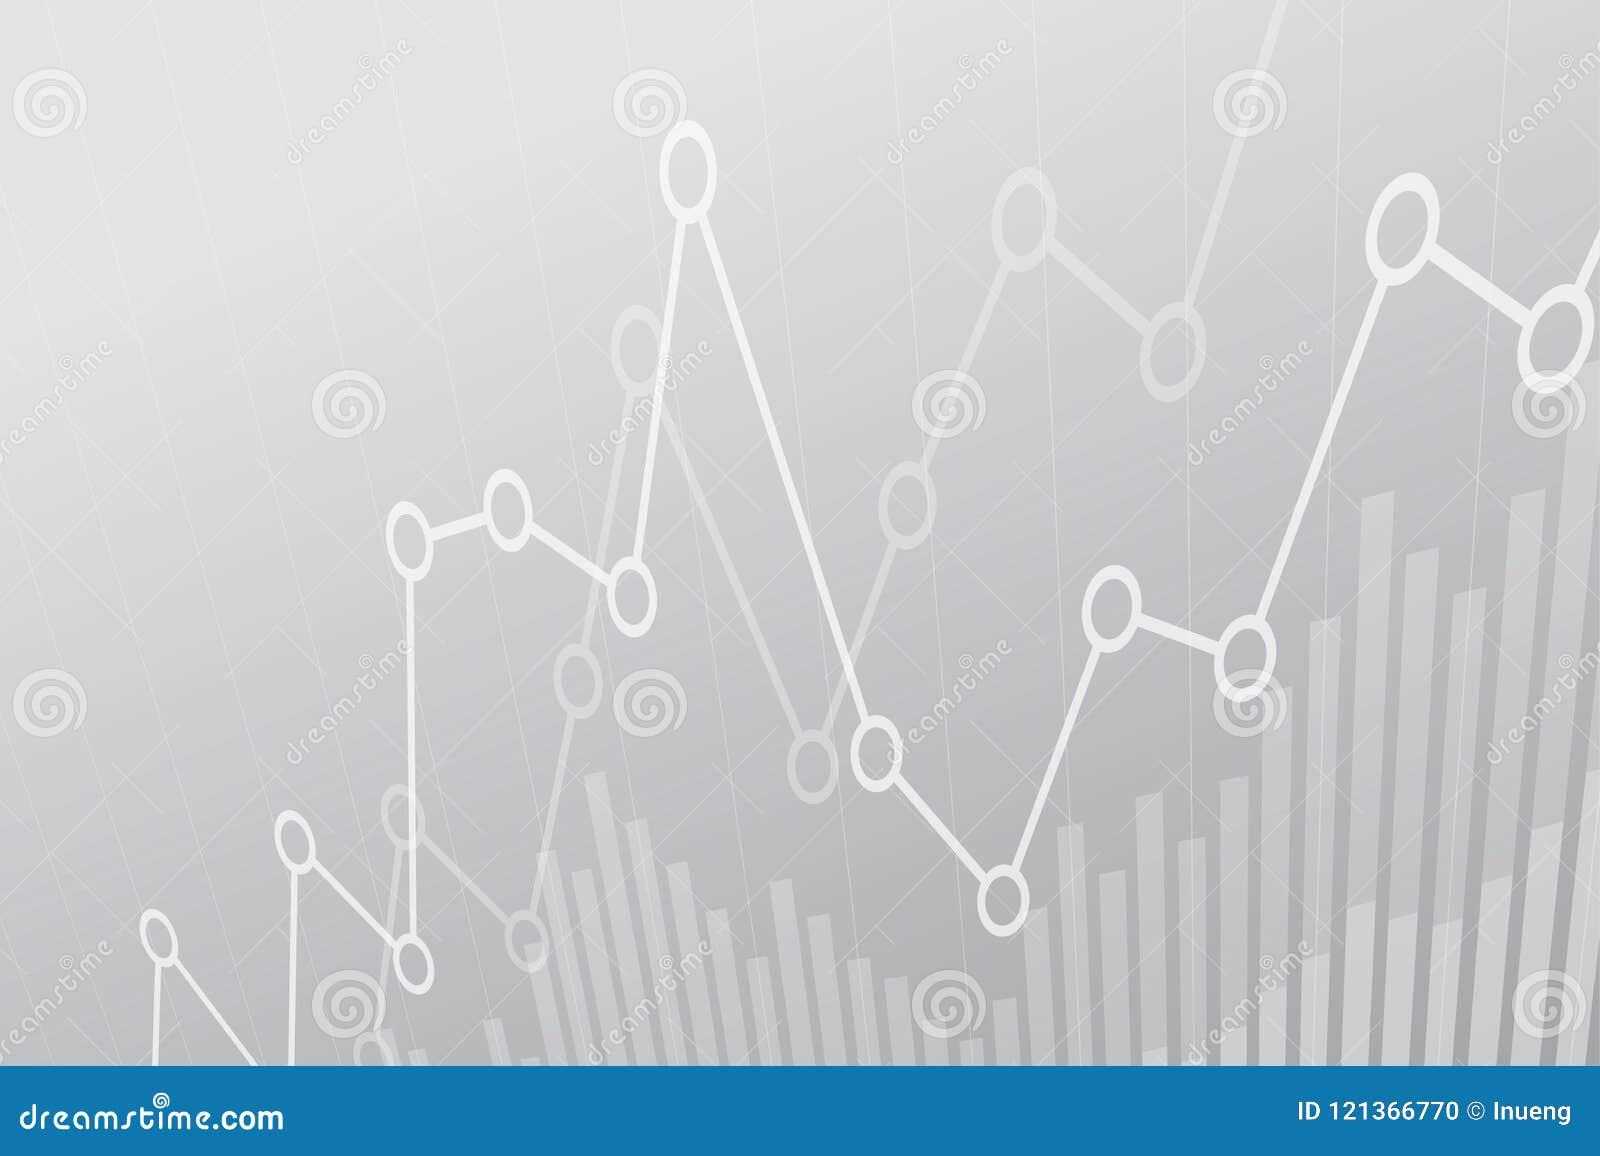 Carta financeira abstrata com gráfico linear uptrend no fundo cinzento